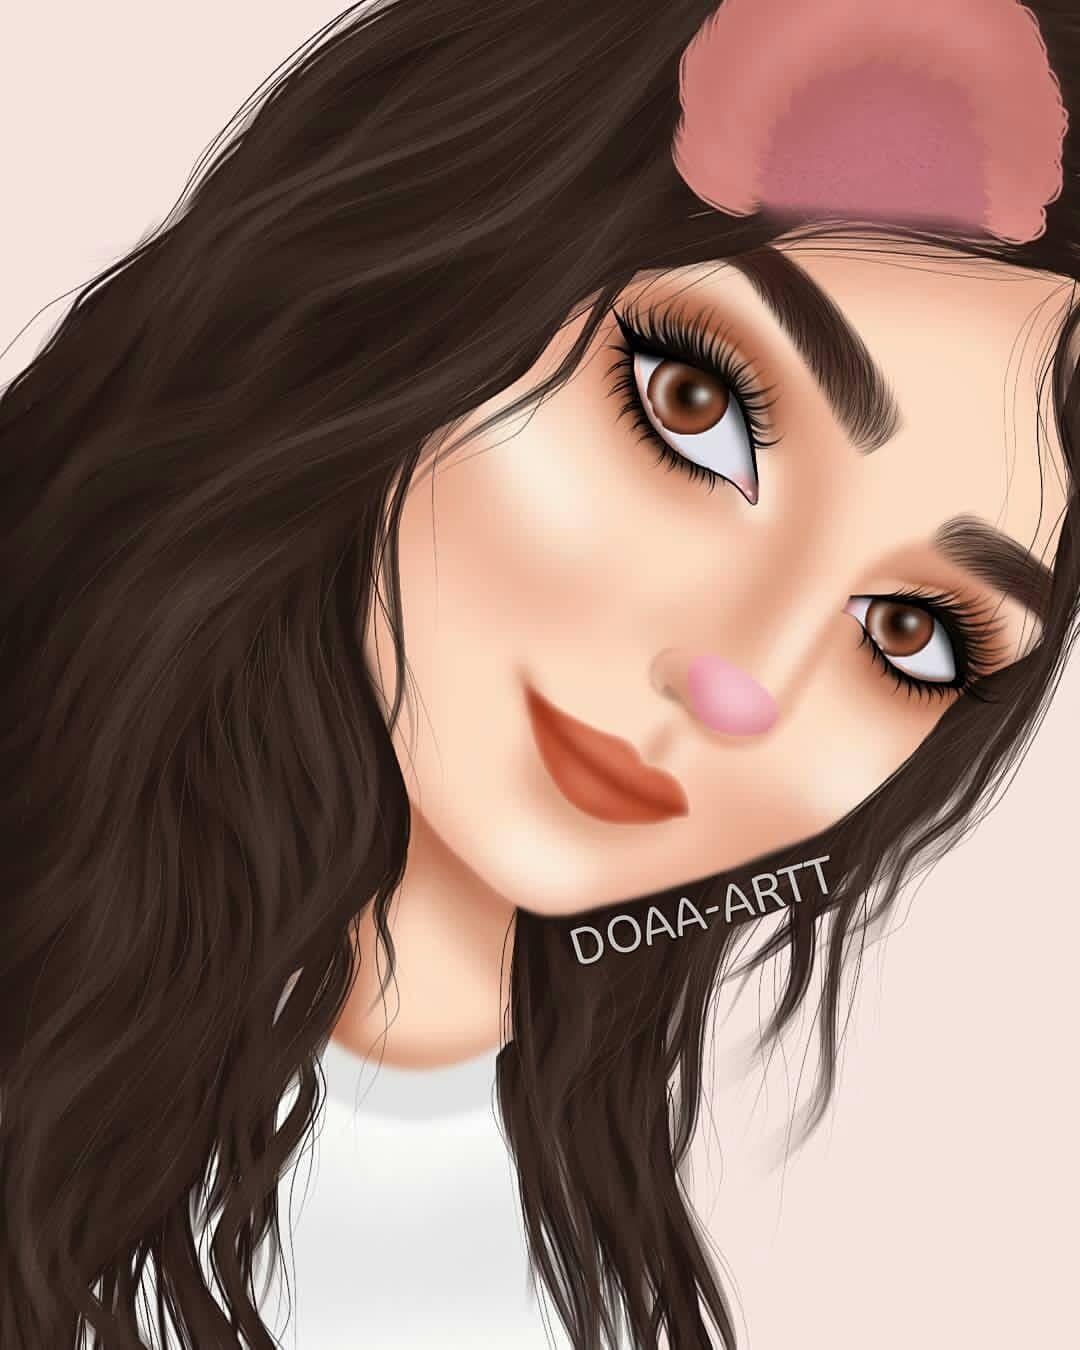 عيونكم يالون عشاق الفاشن والصور الرومانسية وغيرها من الصور تابع هذه الصفحة Ba Ghdad Ba Ghdad Ba Ghdad Girly M Art Girl Halloween Face Makeup